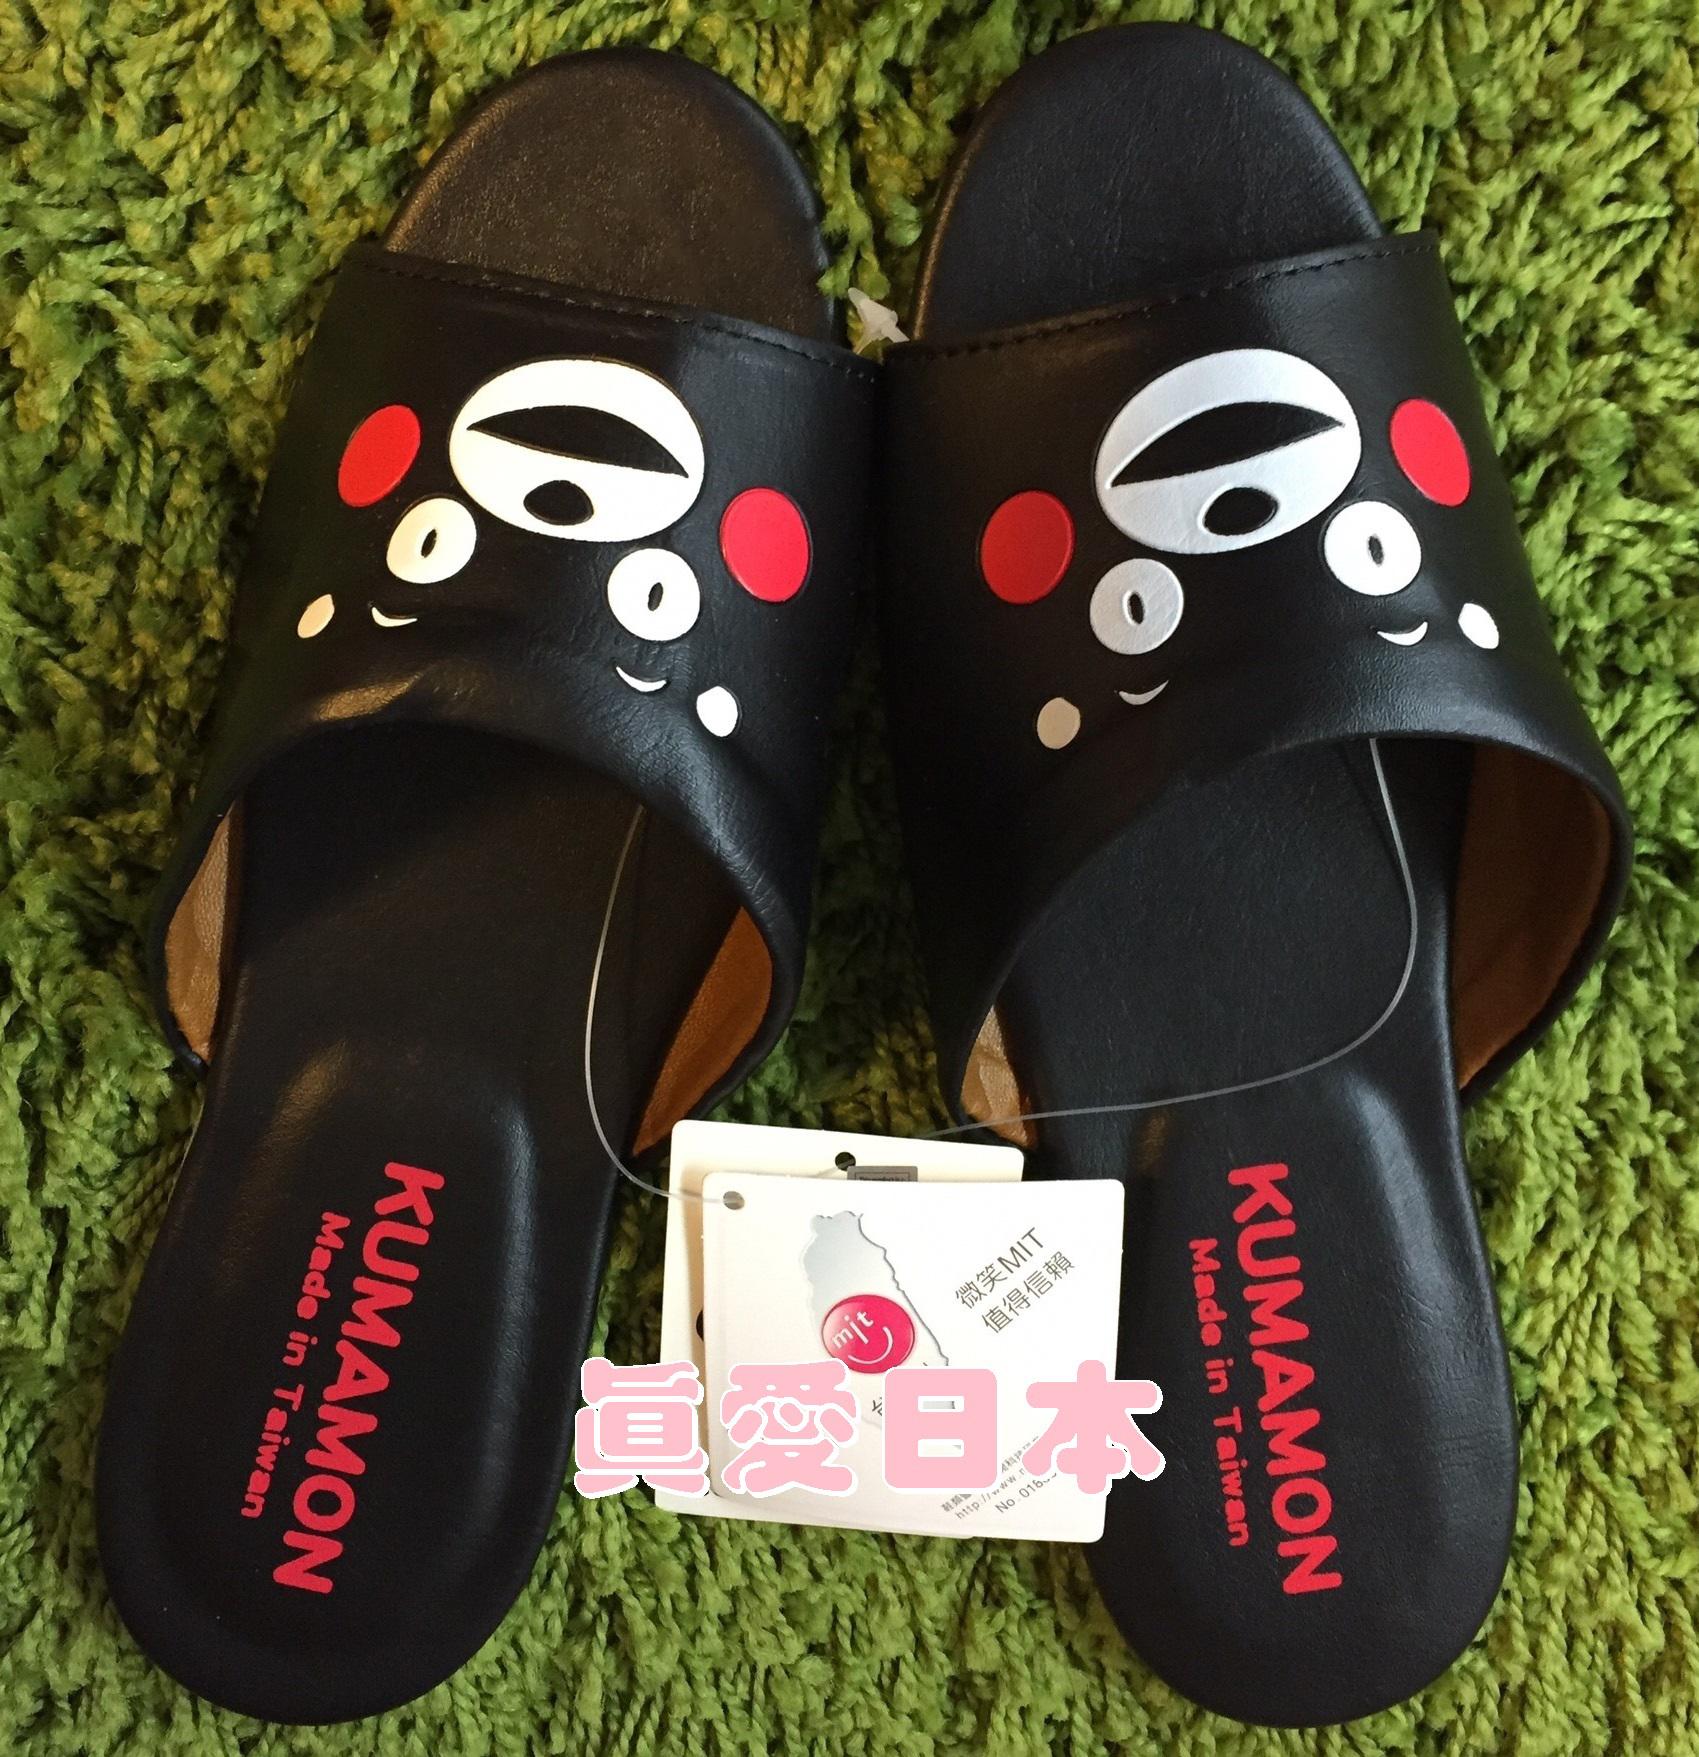 【真愛日本】室內皮拖-熊本熊24~26 (大人) Kumamon 萌熊 九州熊本 防滑拖鞋 脫鞋